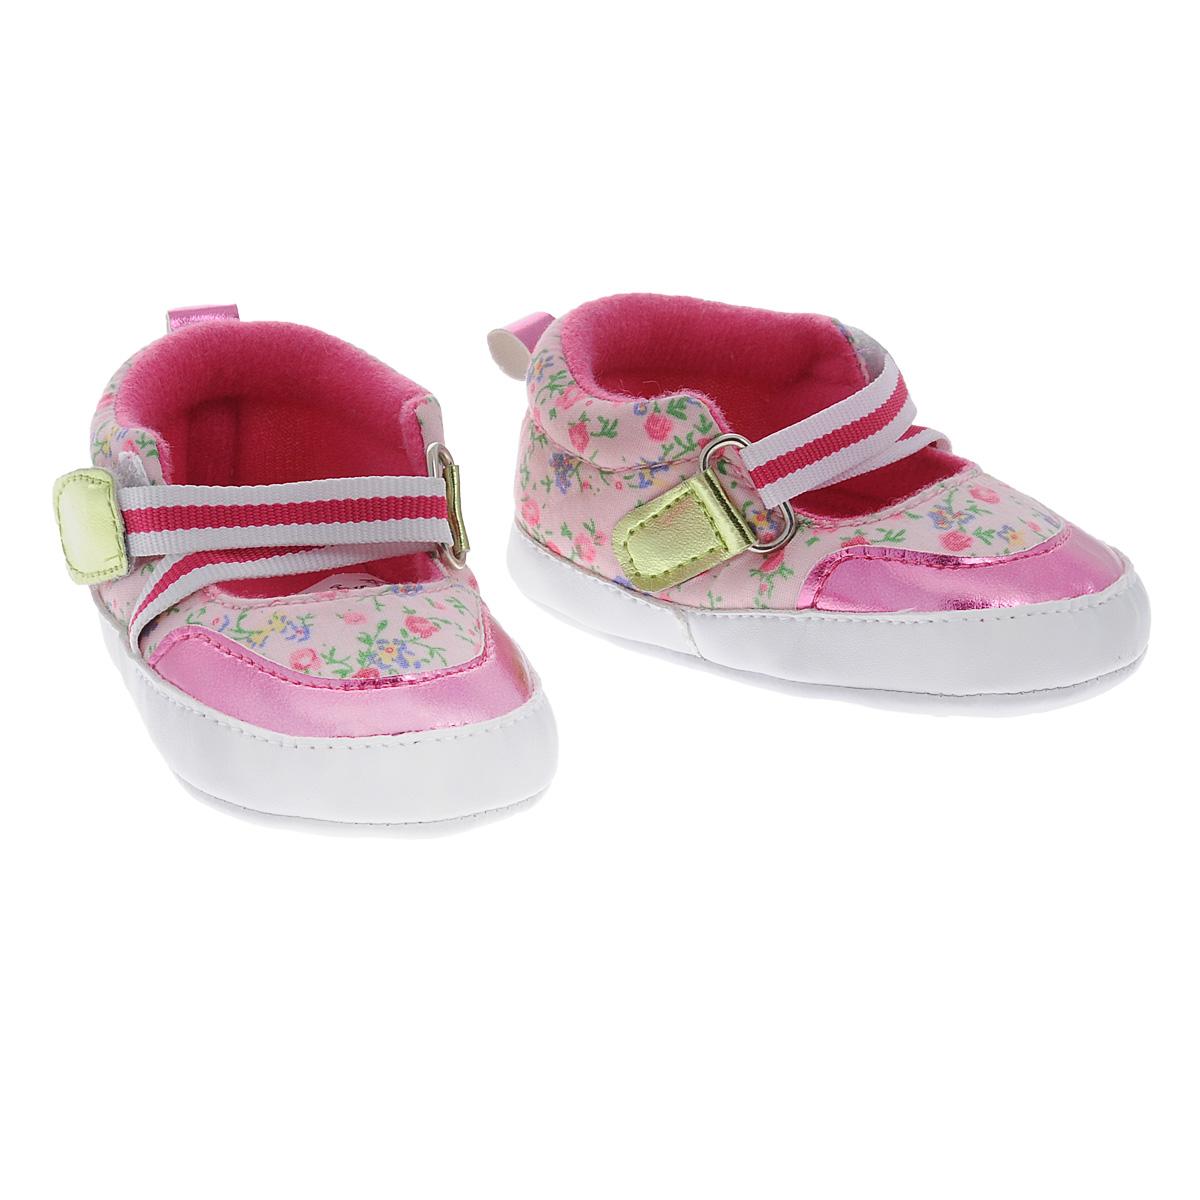 Пинетки для девочки Luvable Friends Фанни, цвет: розовый. 11205. Размер 0/6мес11205Оригинальные детские пинетки для девочки Luvable Friends Фанни, стилизованные под туфельки - это легкая и удобная обувь для малышей. Удобная эластичная застежка на липучке, надежно фиксирующая пинетки на ножке малышки, мягкие, не сдавливающие ножку материалы делают модель практичной и популярной. Стопа оформлена прорезиненным рельефным рисунком, благодаря которому ребенок не будет скользить.Такие пинетки - отличное решение для малышей и их родителей!